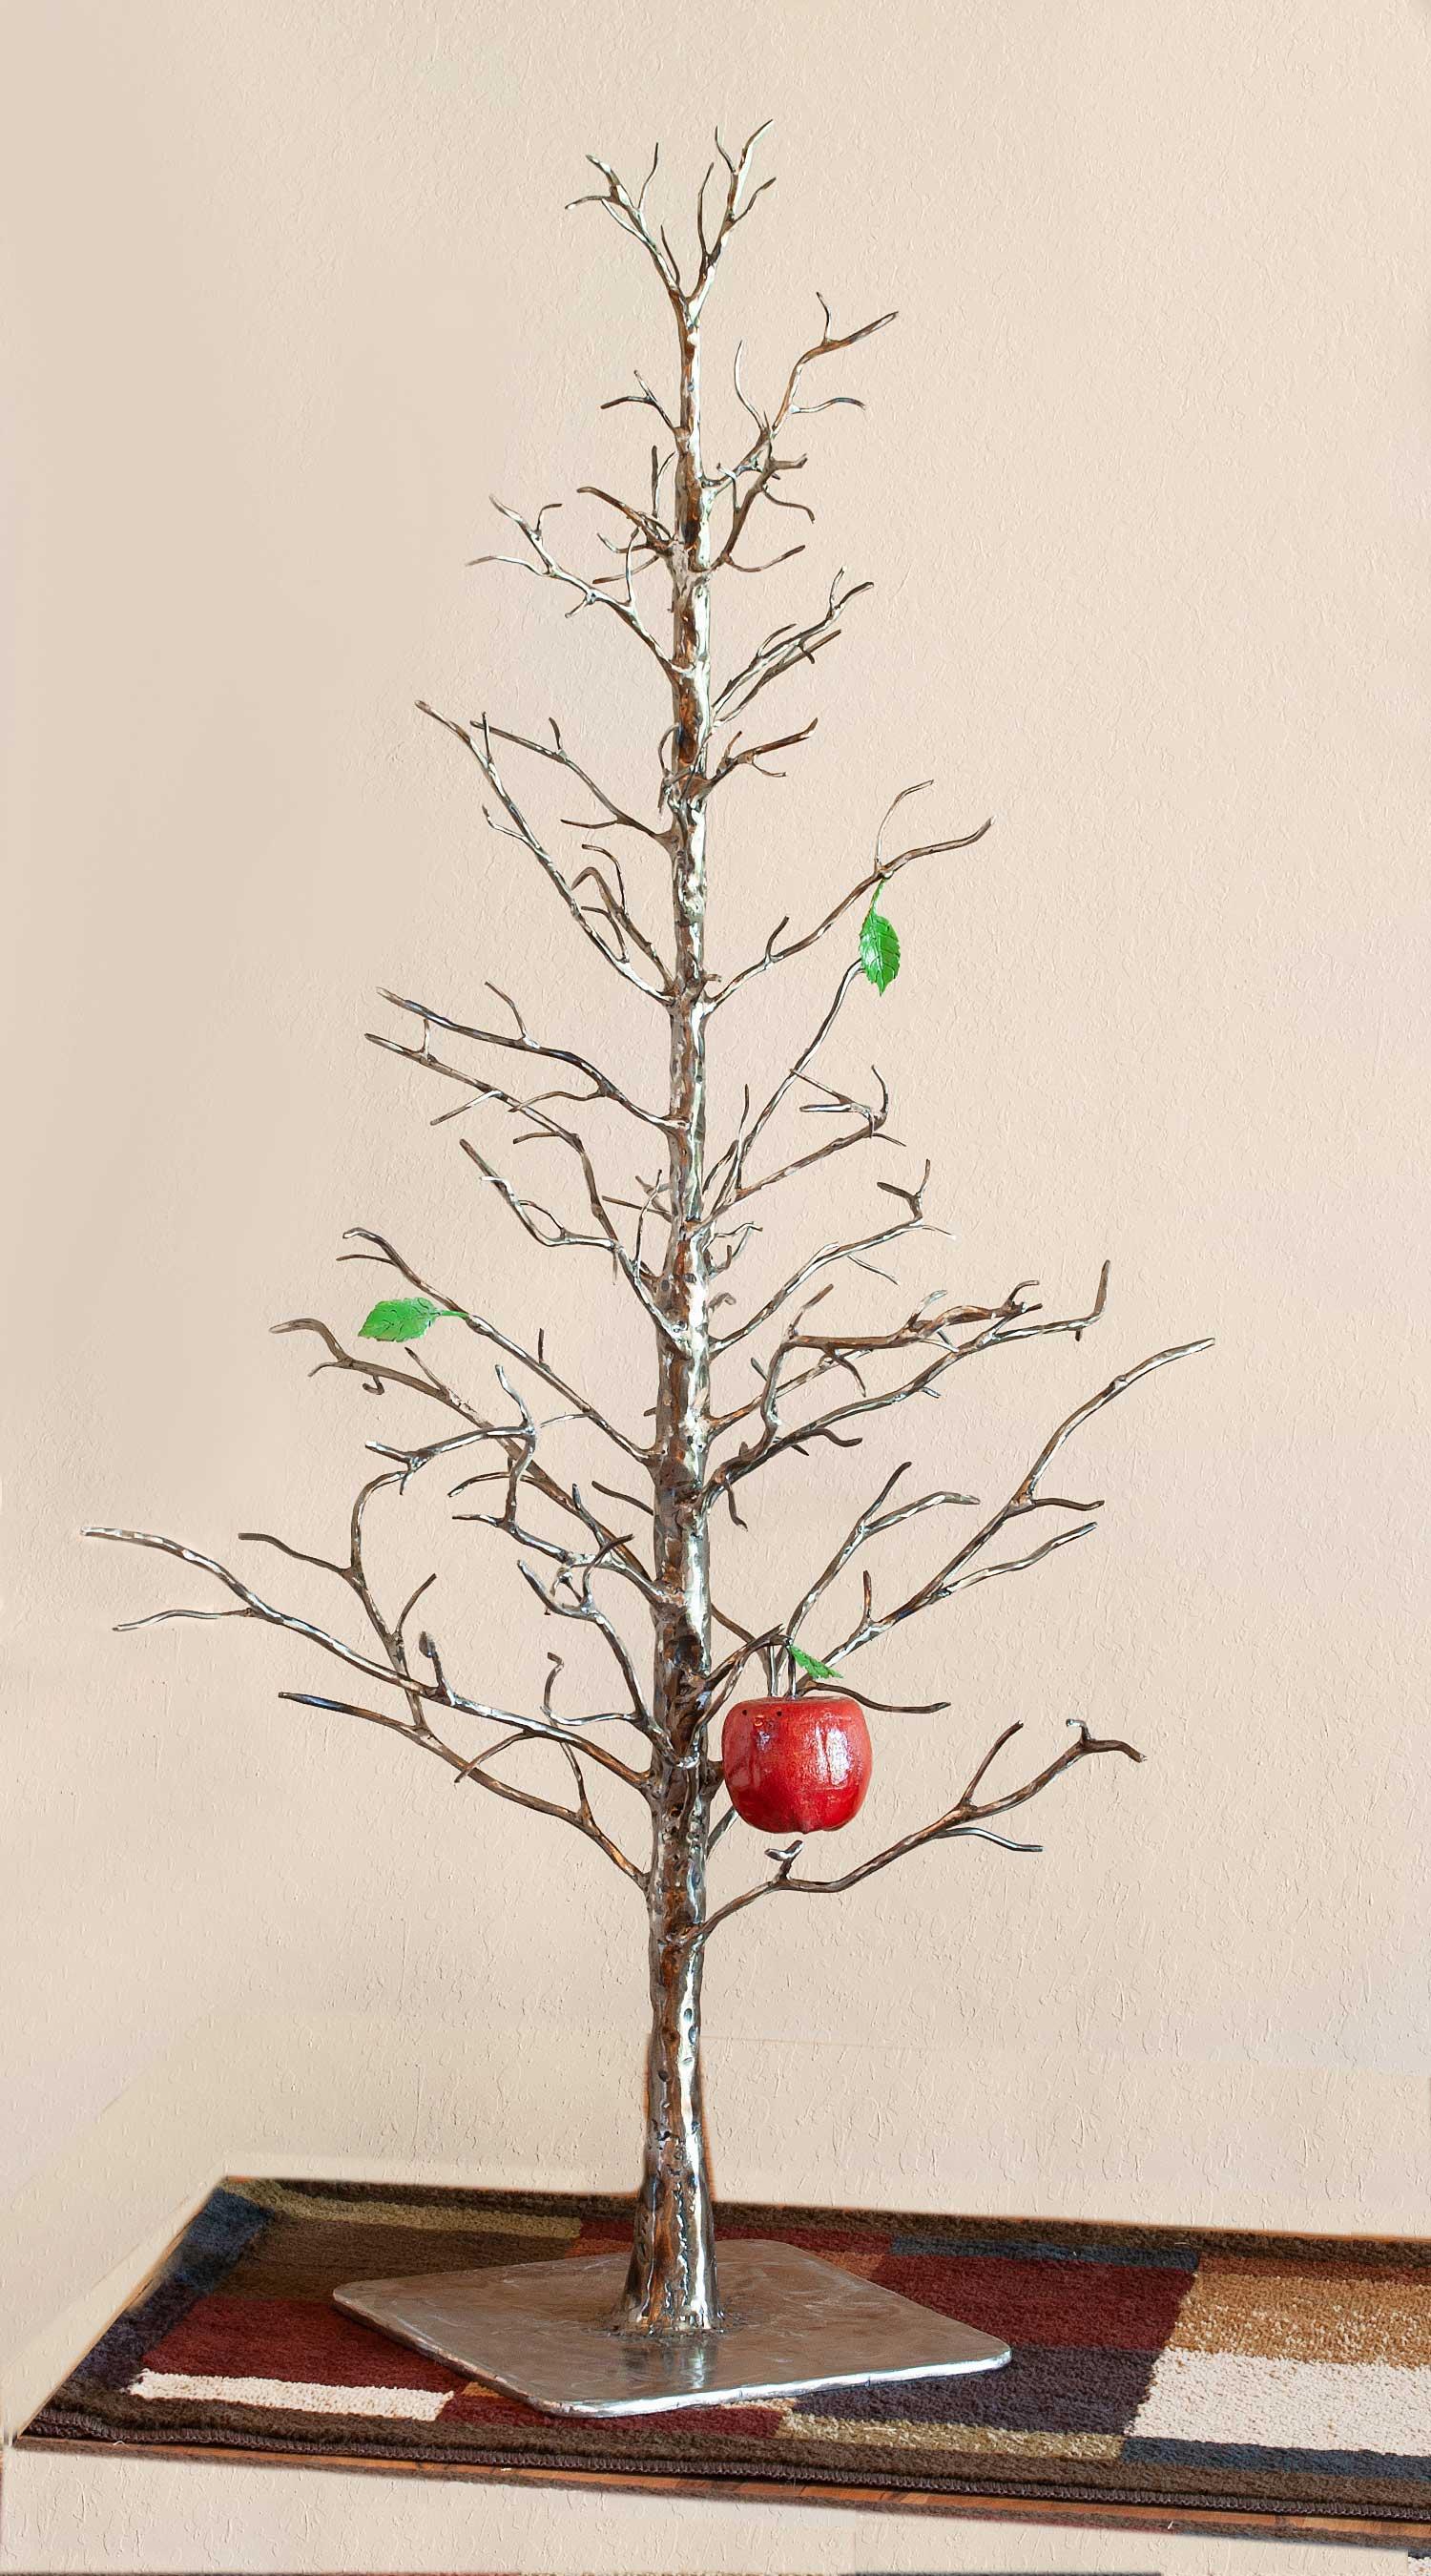 Life's Apple Tree